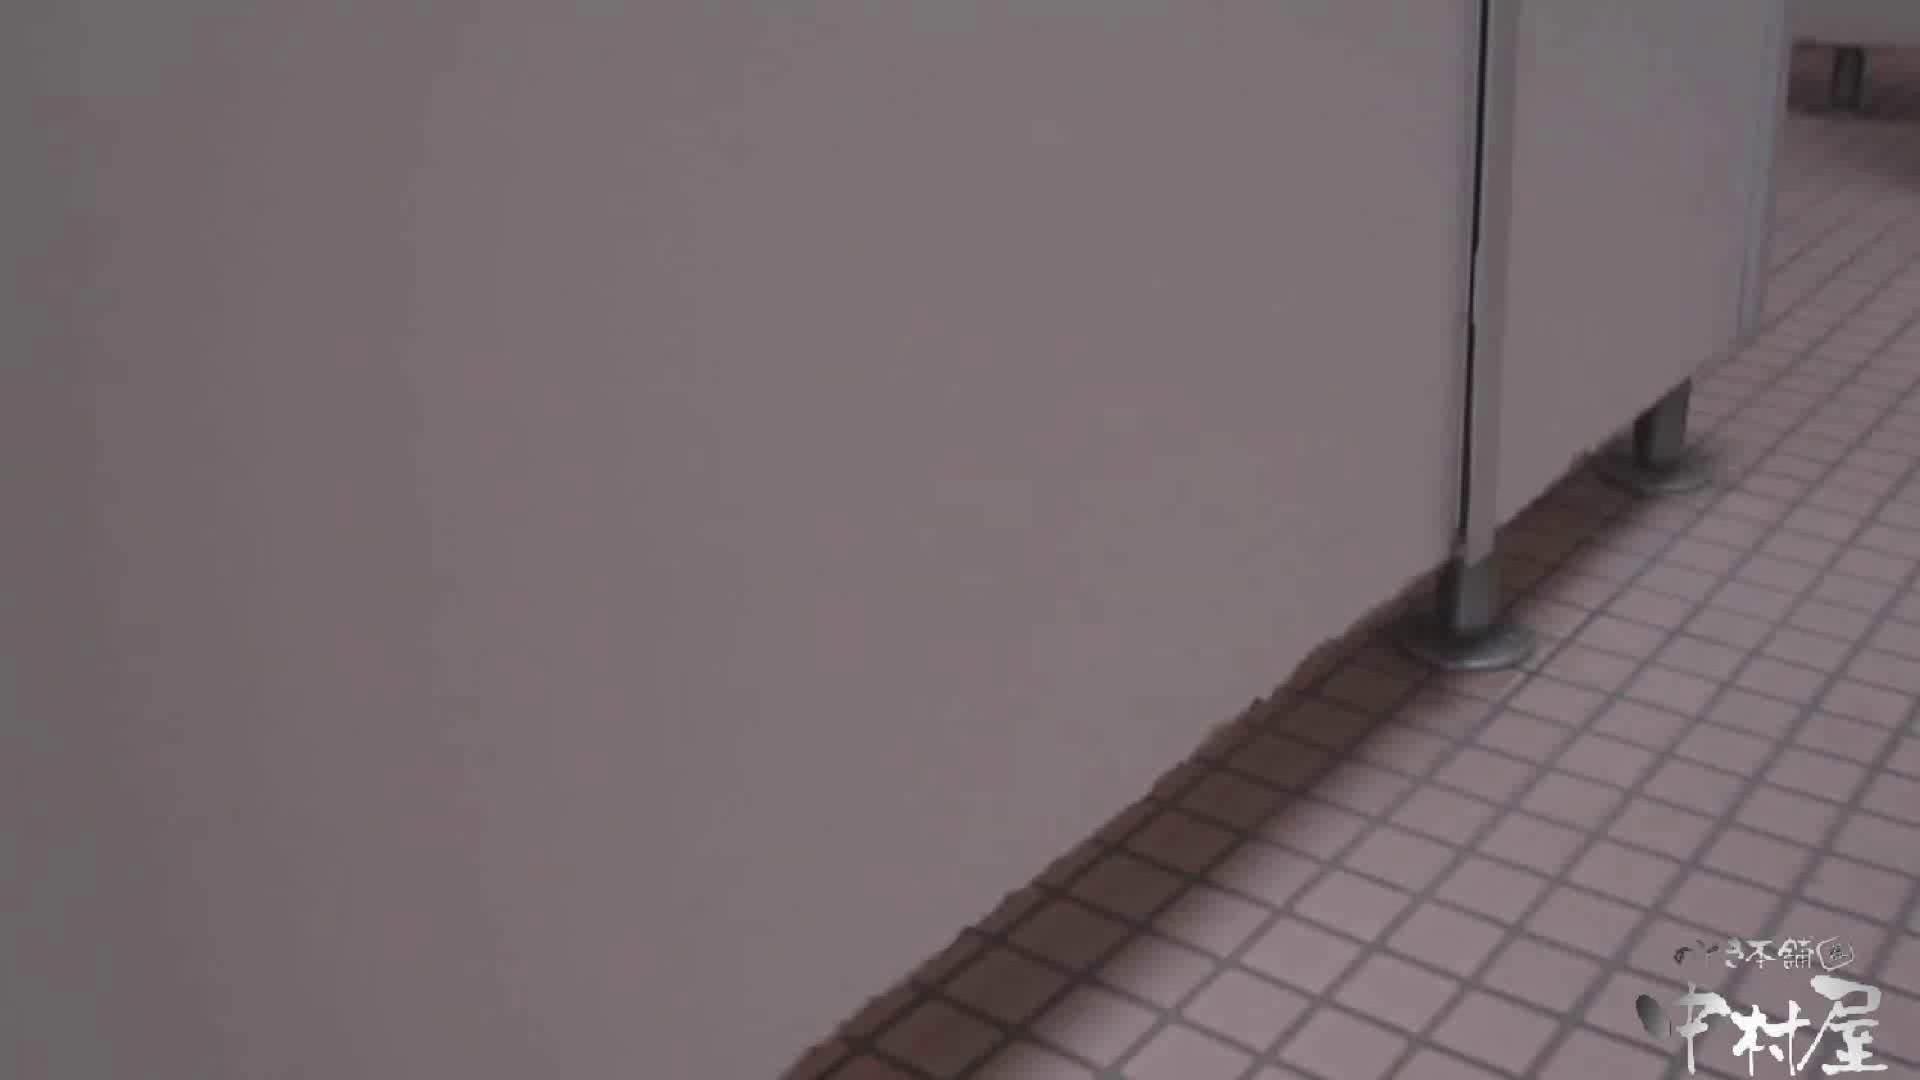 無修正エロ動画:魂のかわや盗撮62連発! 超脱肛ギャル! 3発目!:のぞき本舗 中村屋